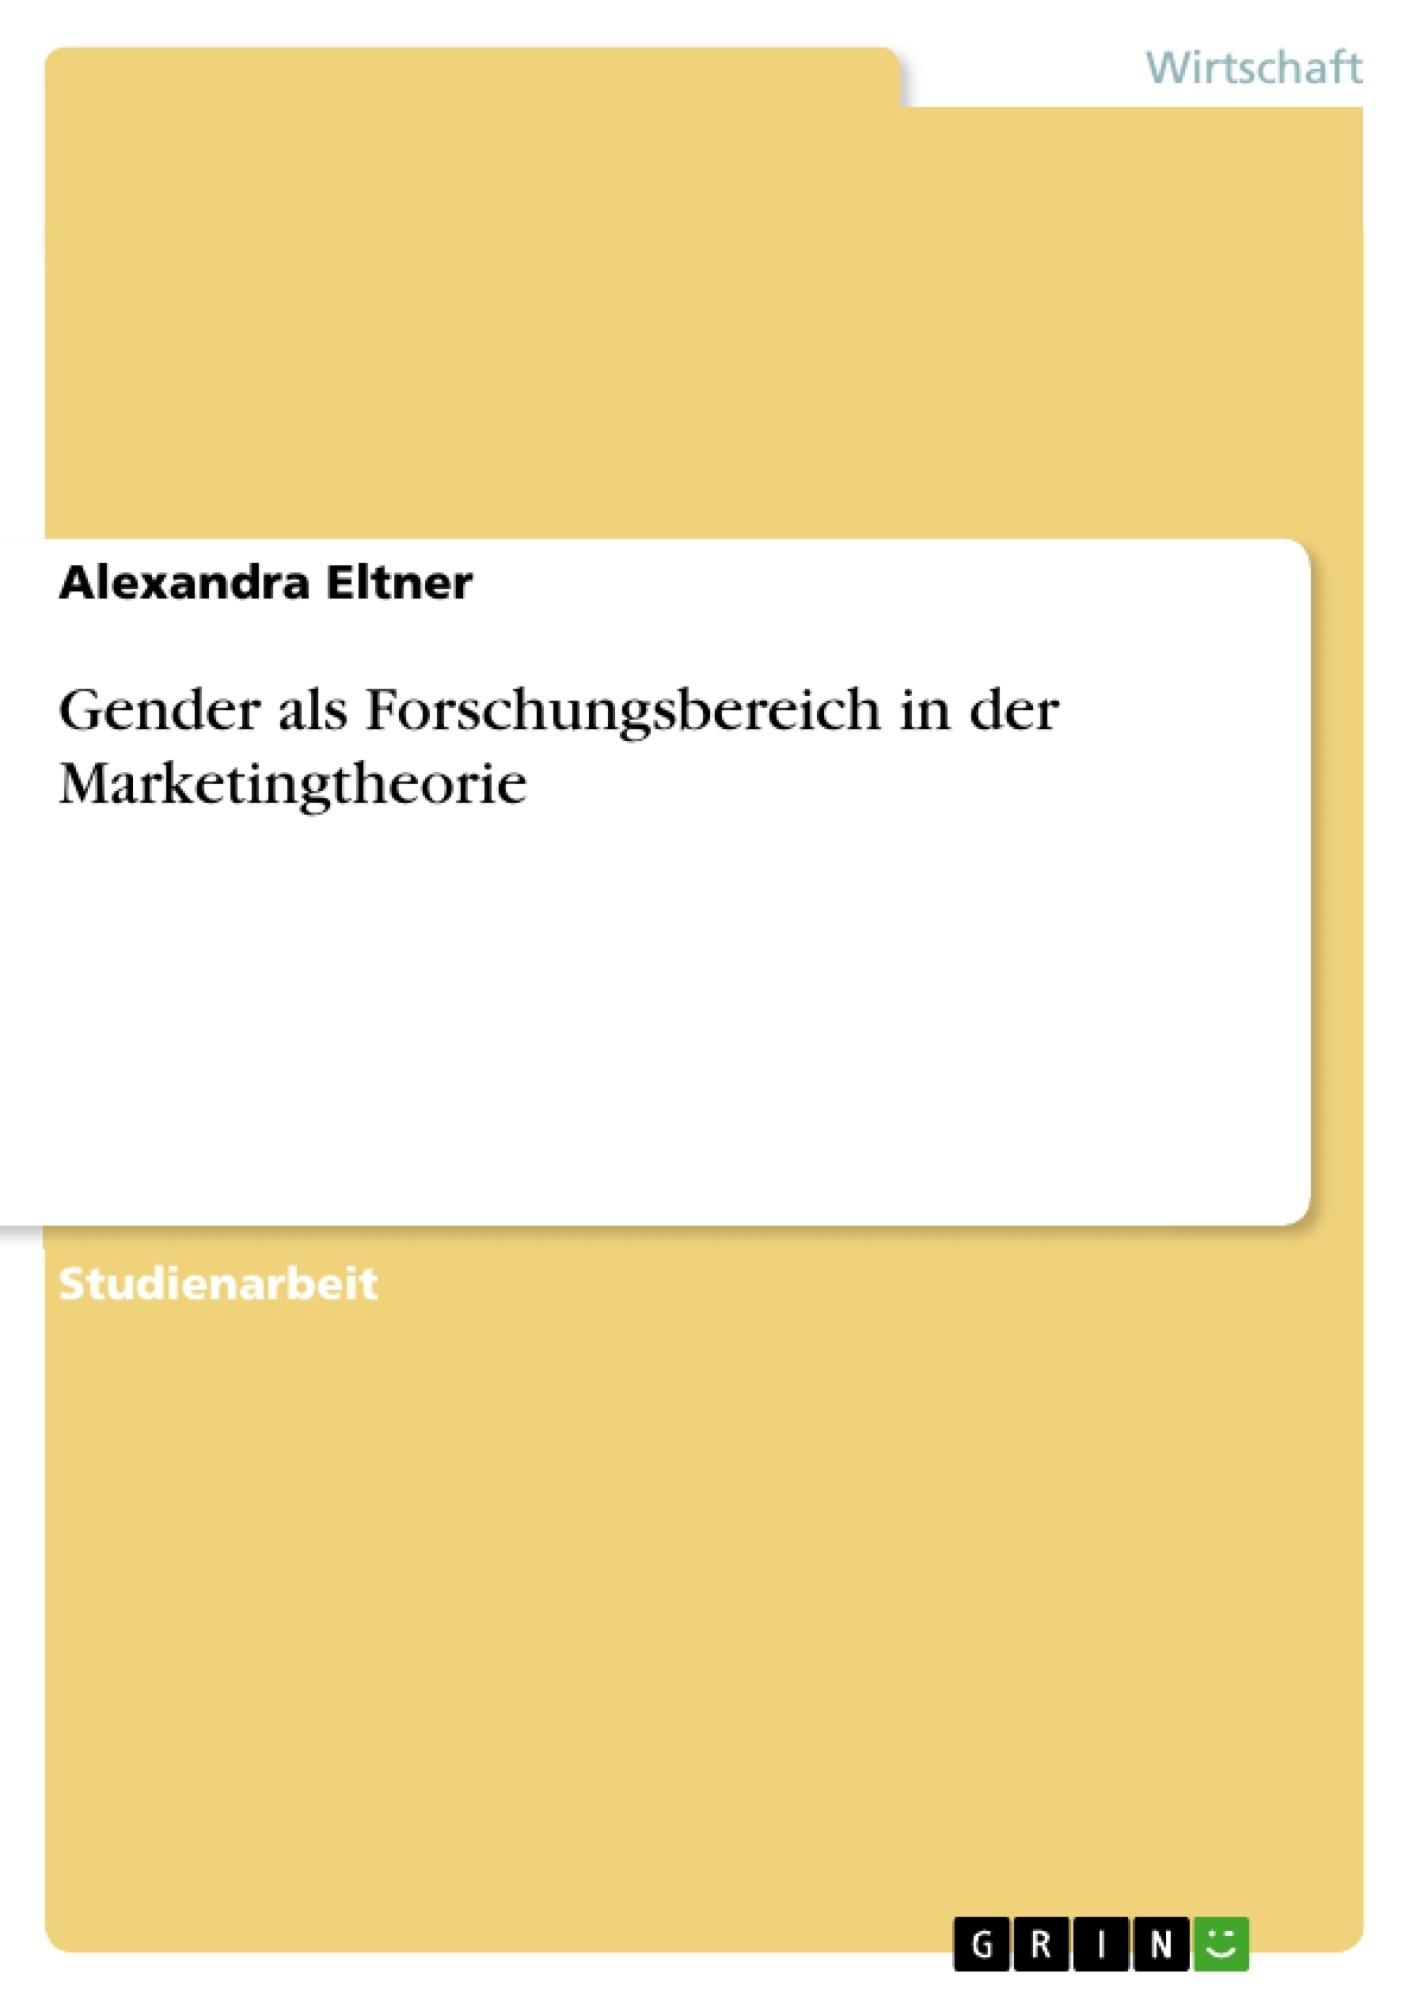 Titel: Gender als Forschungsbereich in der Marketingtheorie